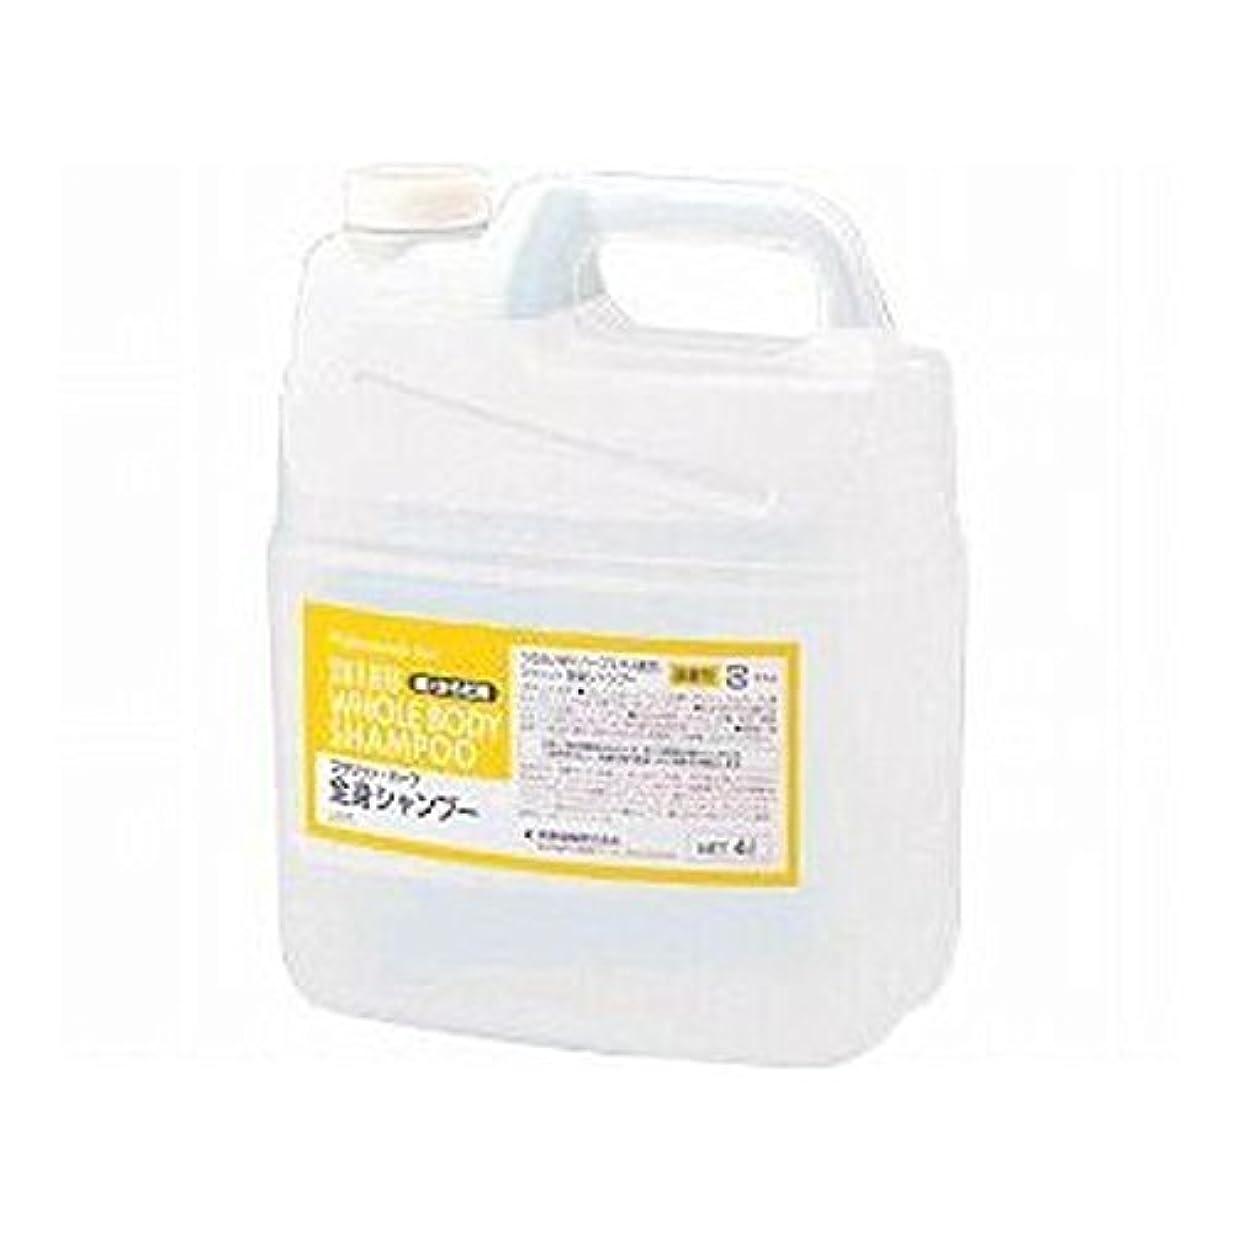 エスカレーター細菌下手熊野油脂 業務用 SCRITT(スクリット) 全身シャンプー 4L